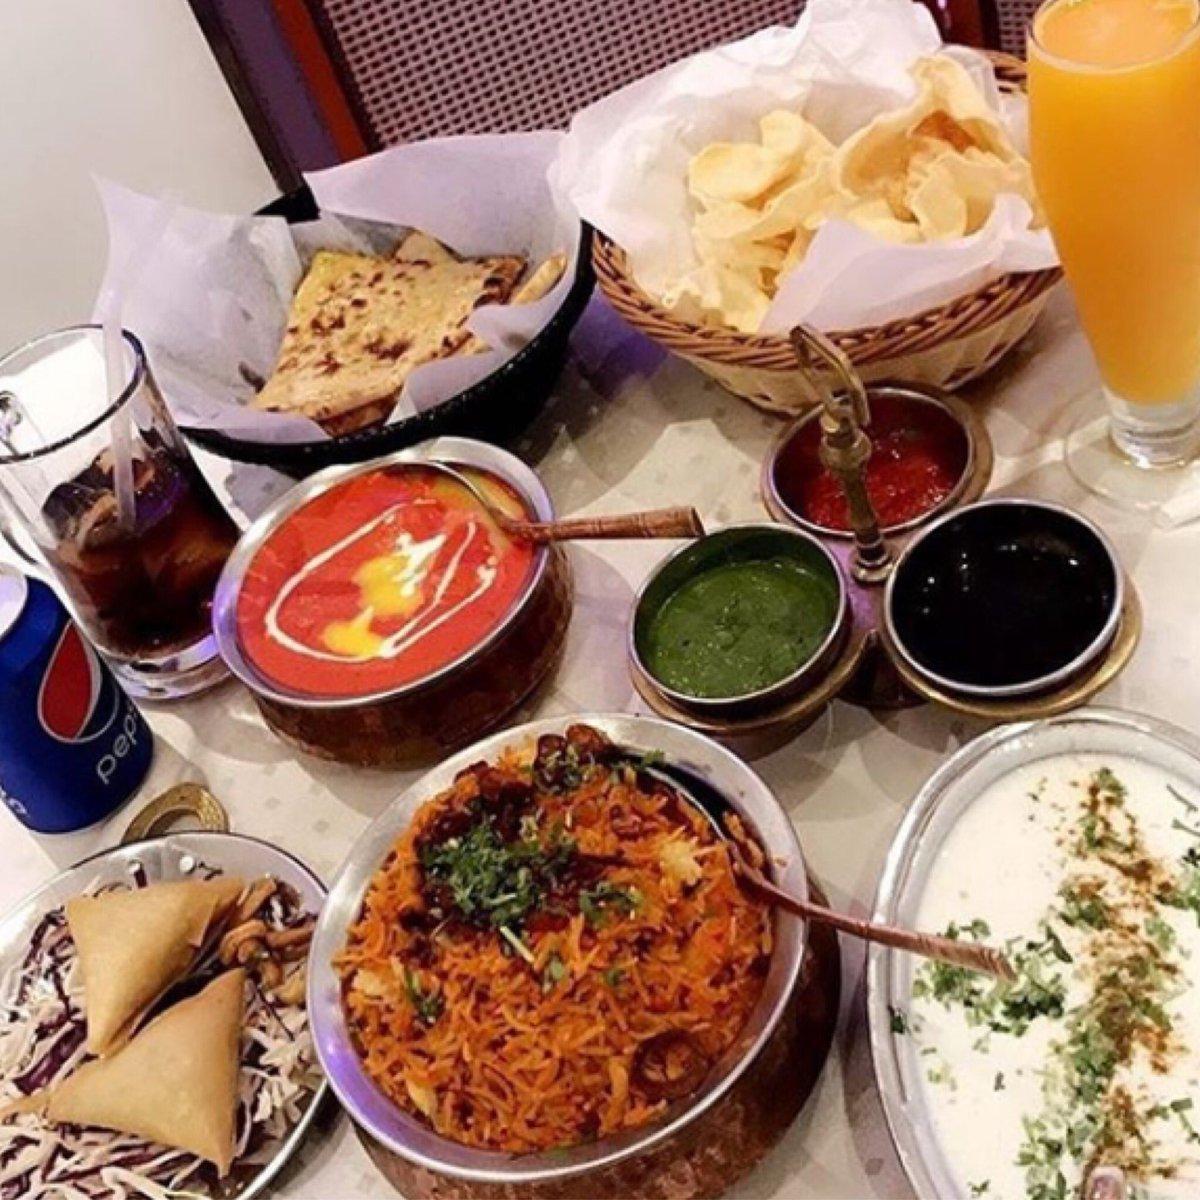 مطاعم وكافيهات جدة On Twitter مطعم راج الهندي افراد وعائلات يوجد بارتشن الاكل طيب والخدمة جيدة في التحلية